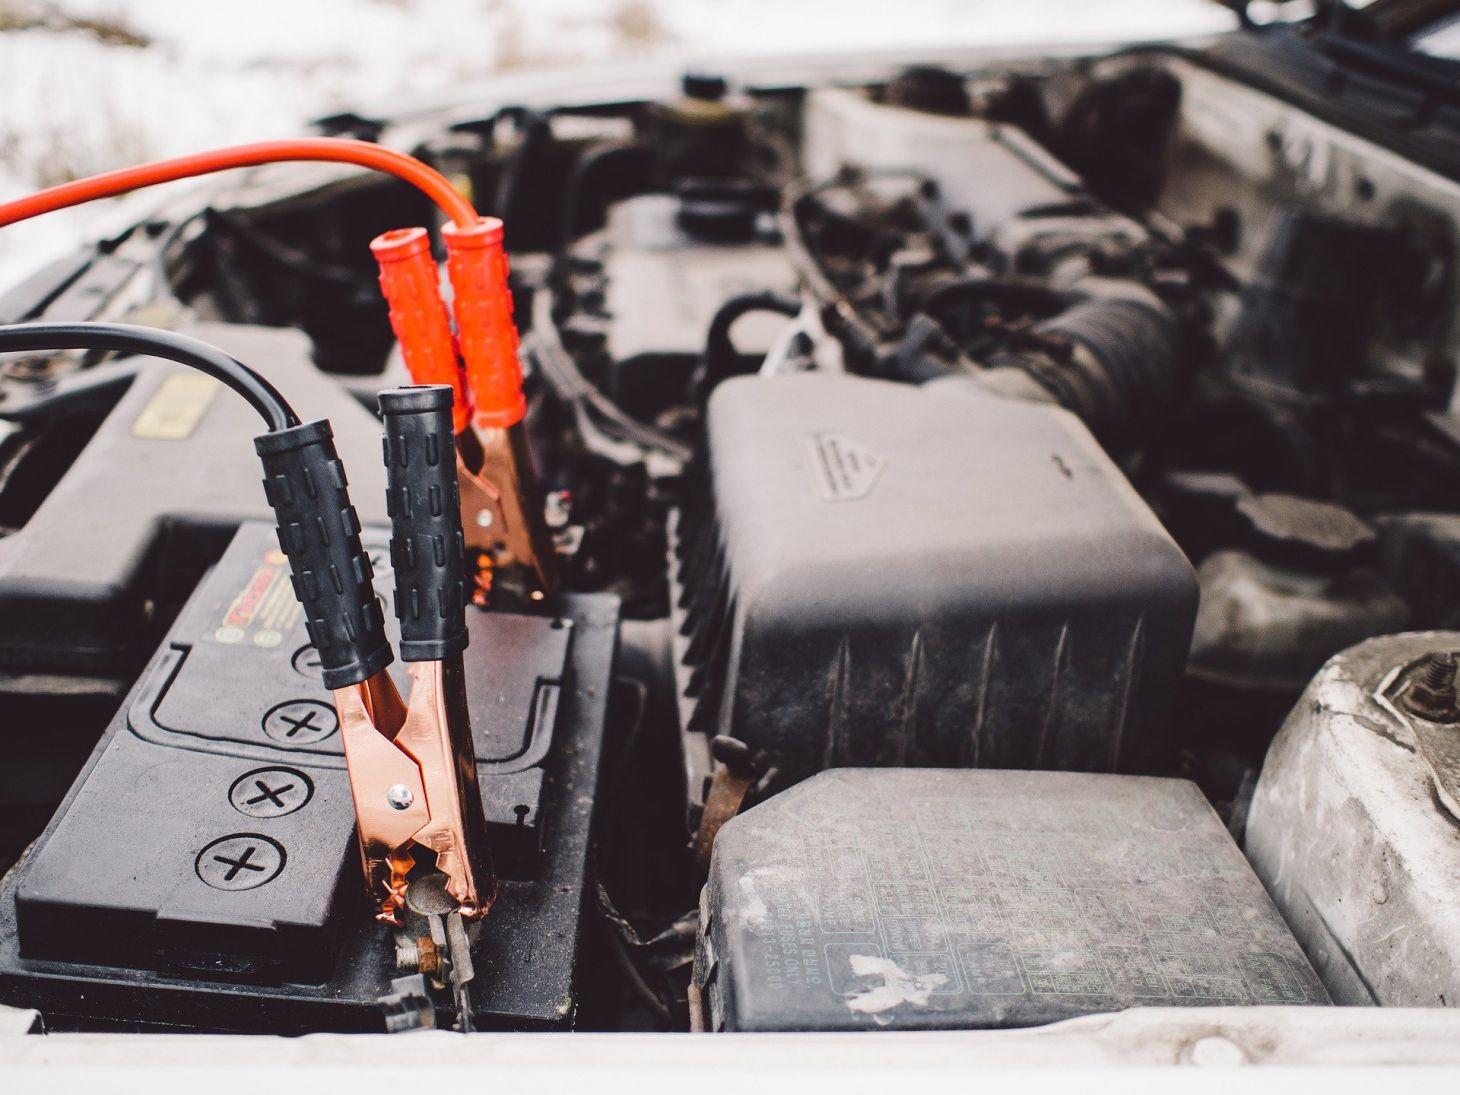 bateria no motor do carro tem cabos conectados para fazer chupeta